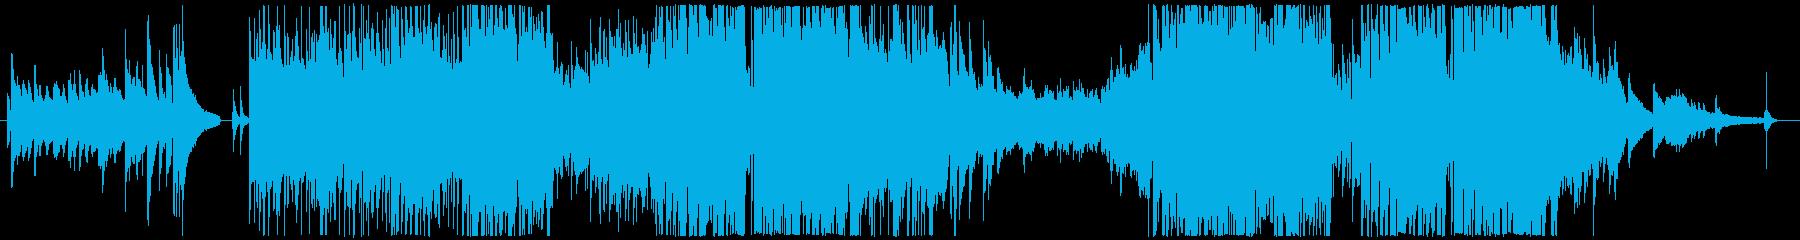 オープニングに使えるオシャレな曲の再生済みの波形